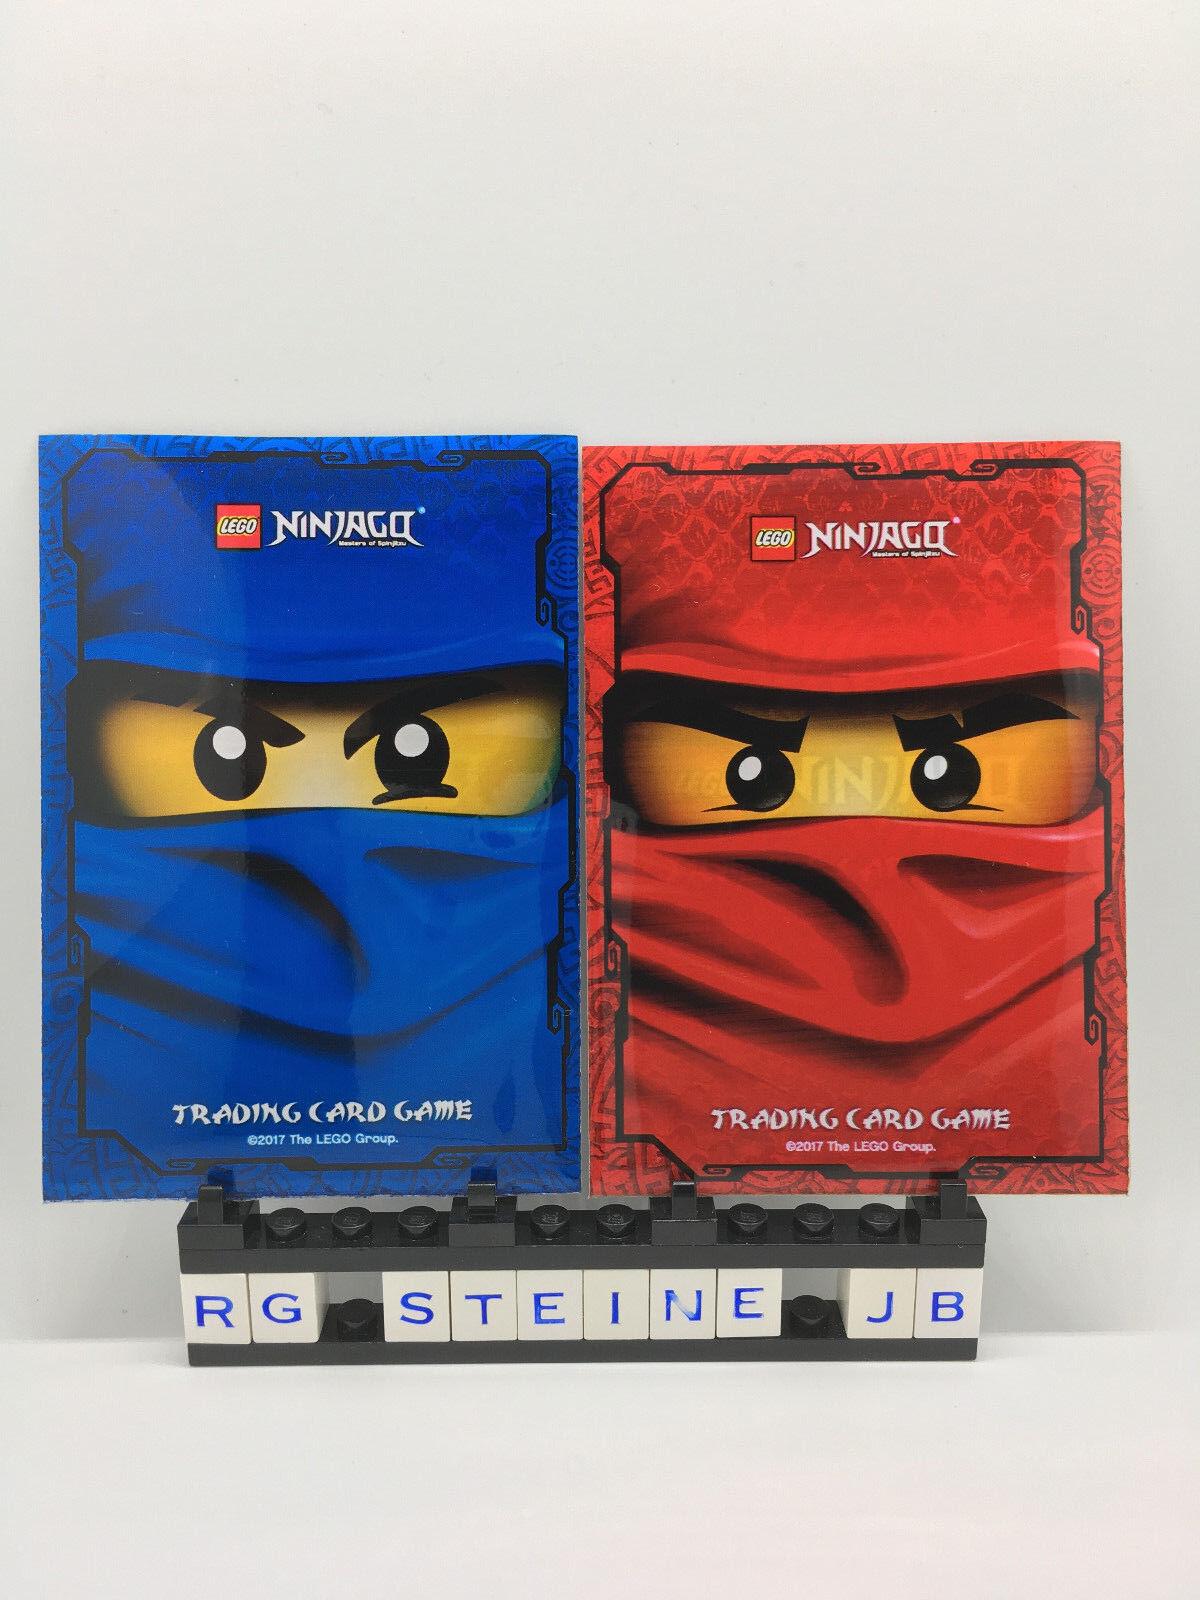 Lego Ninjago Serie 4 und 3 Trading Card Cards Game limitiert Goldkarten LE1-LE25